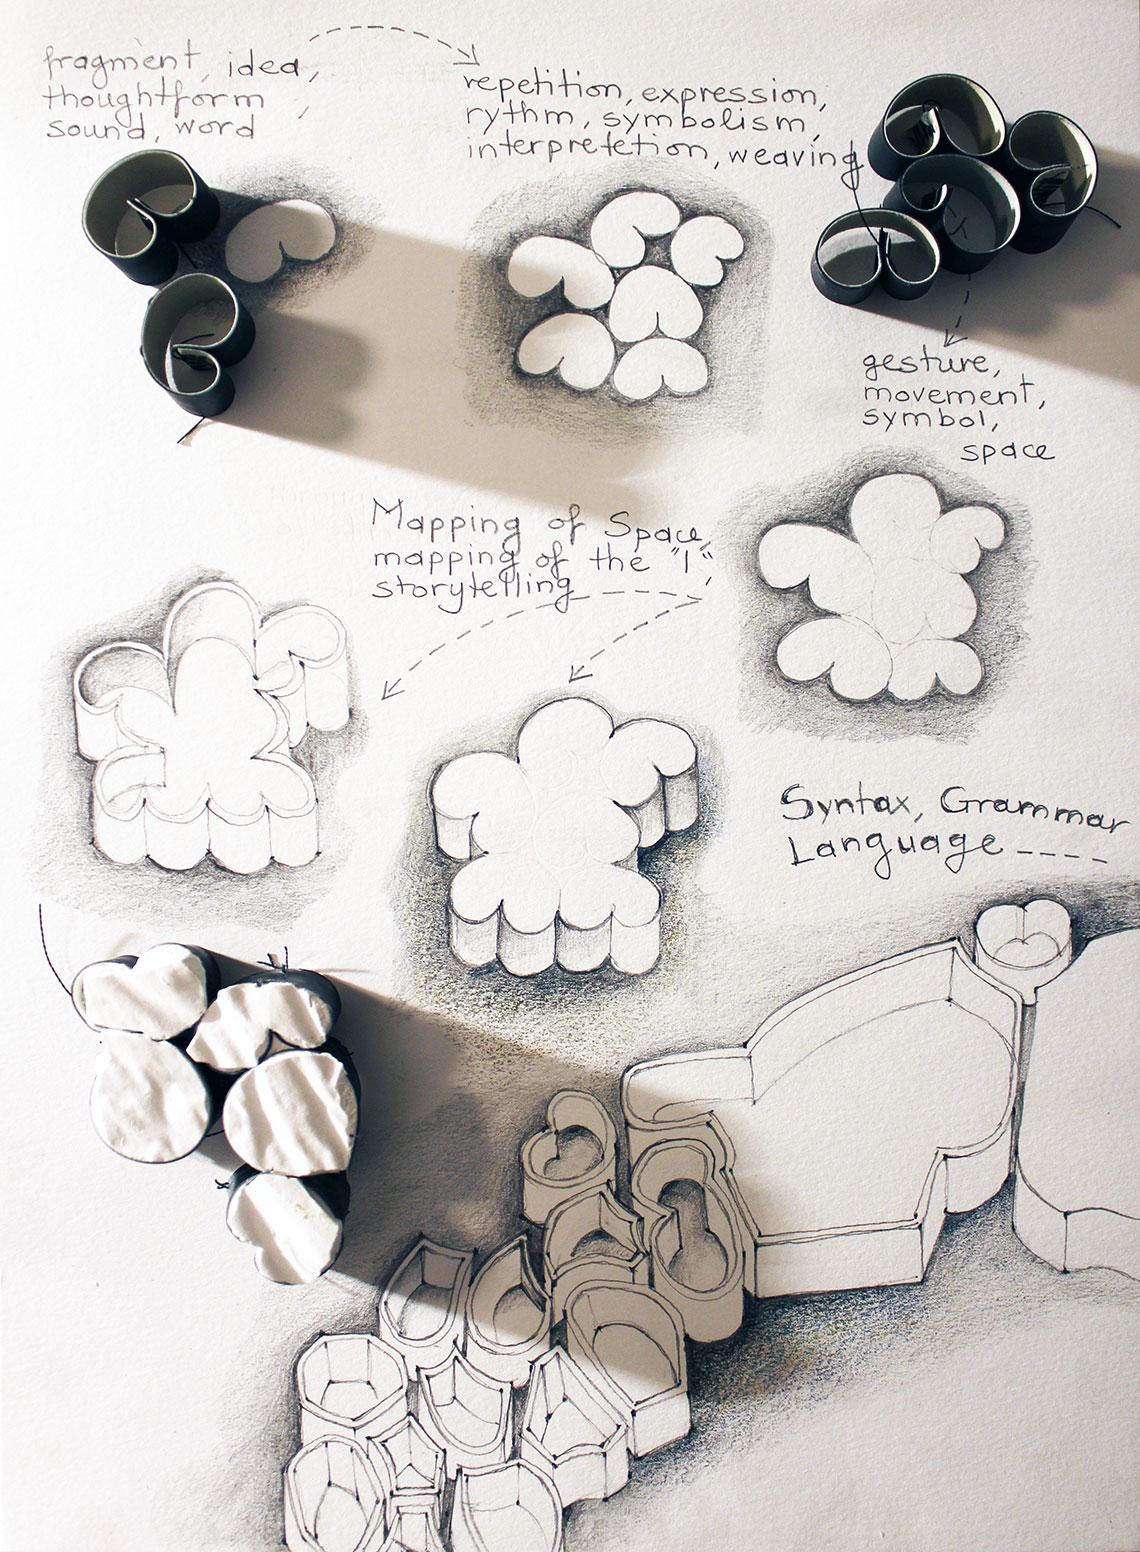 Conceptual sketch - sound/space/language